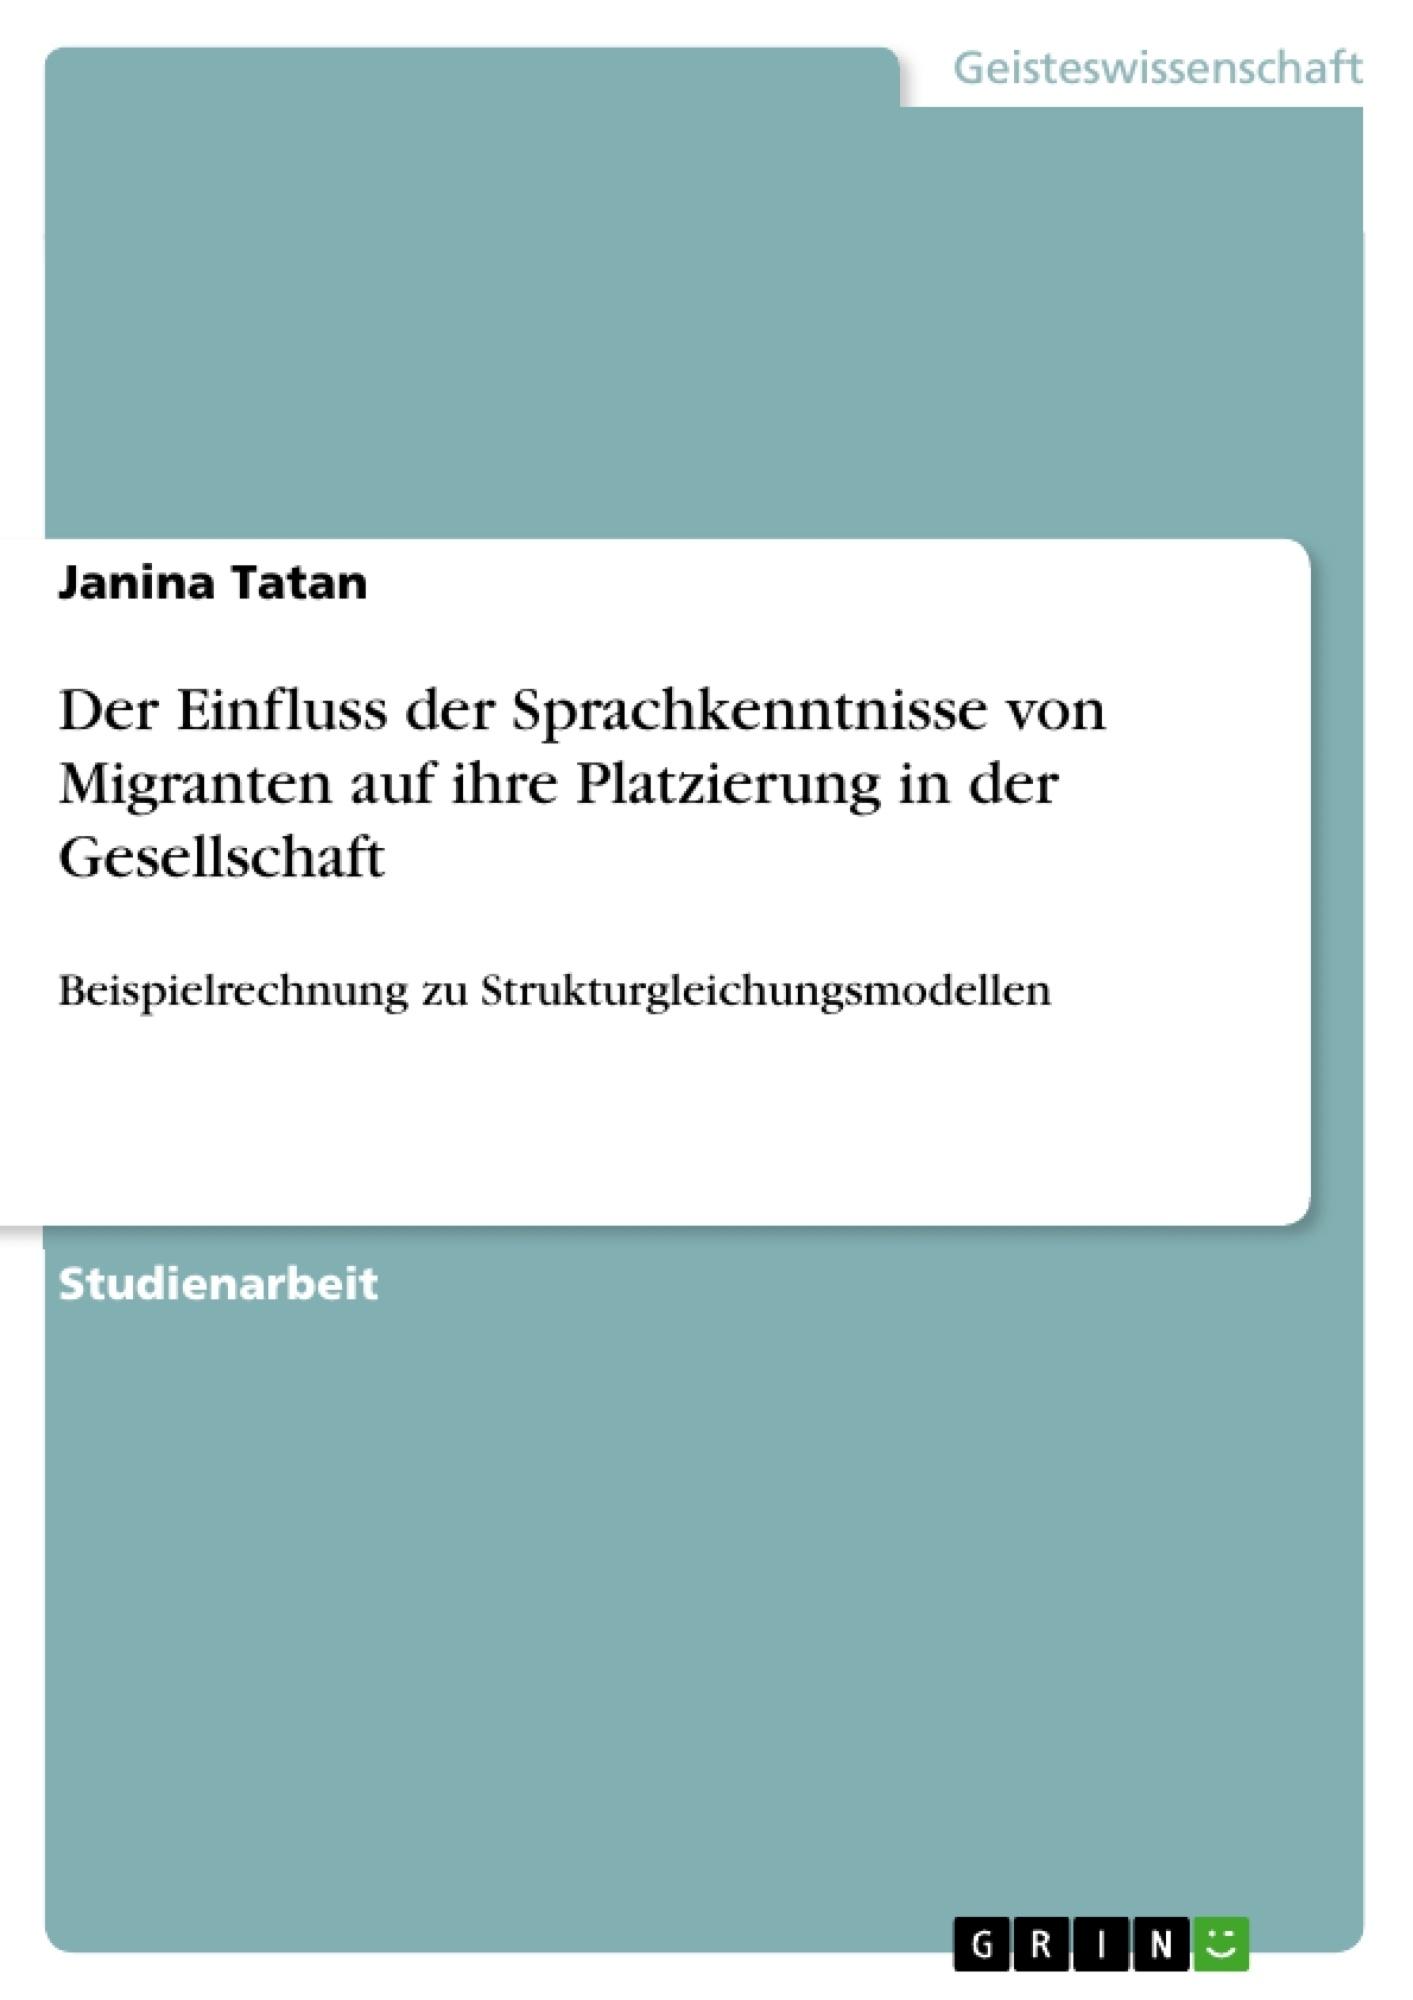 Titel: Der Einfluss der Sprachkenntnisse von Migranten auf ihre Platzierung in der Gesellschaft